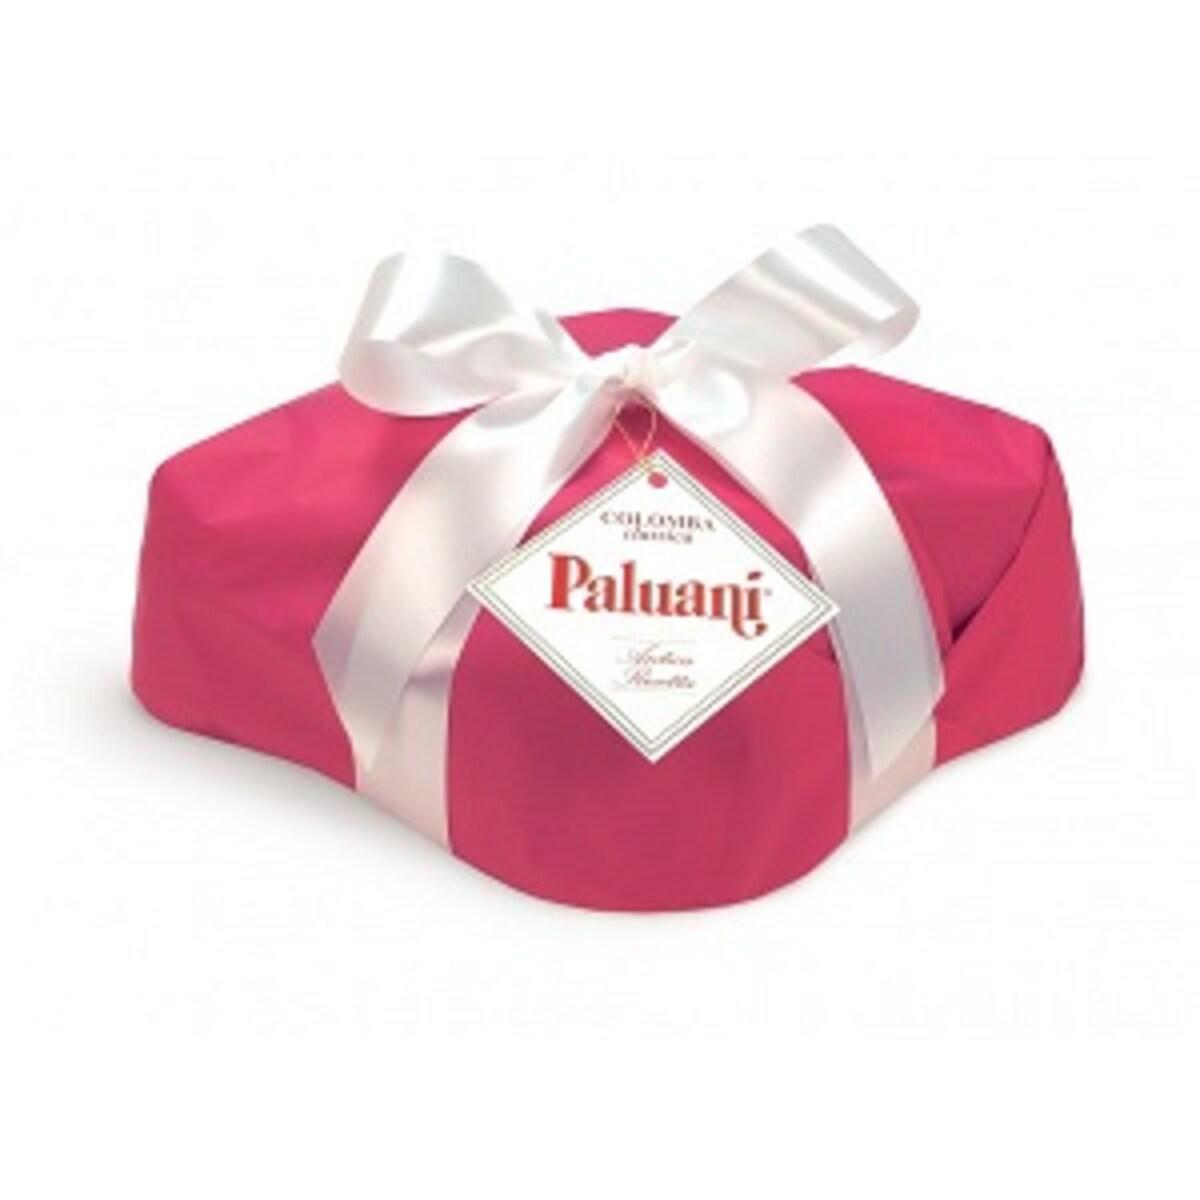 Paluani Colomba Classica lux италиански козунак панетоне